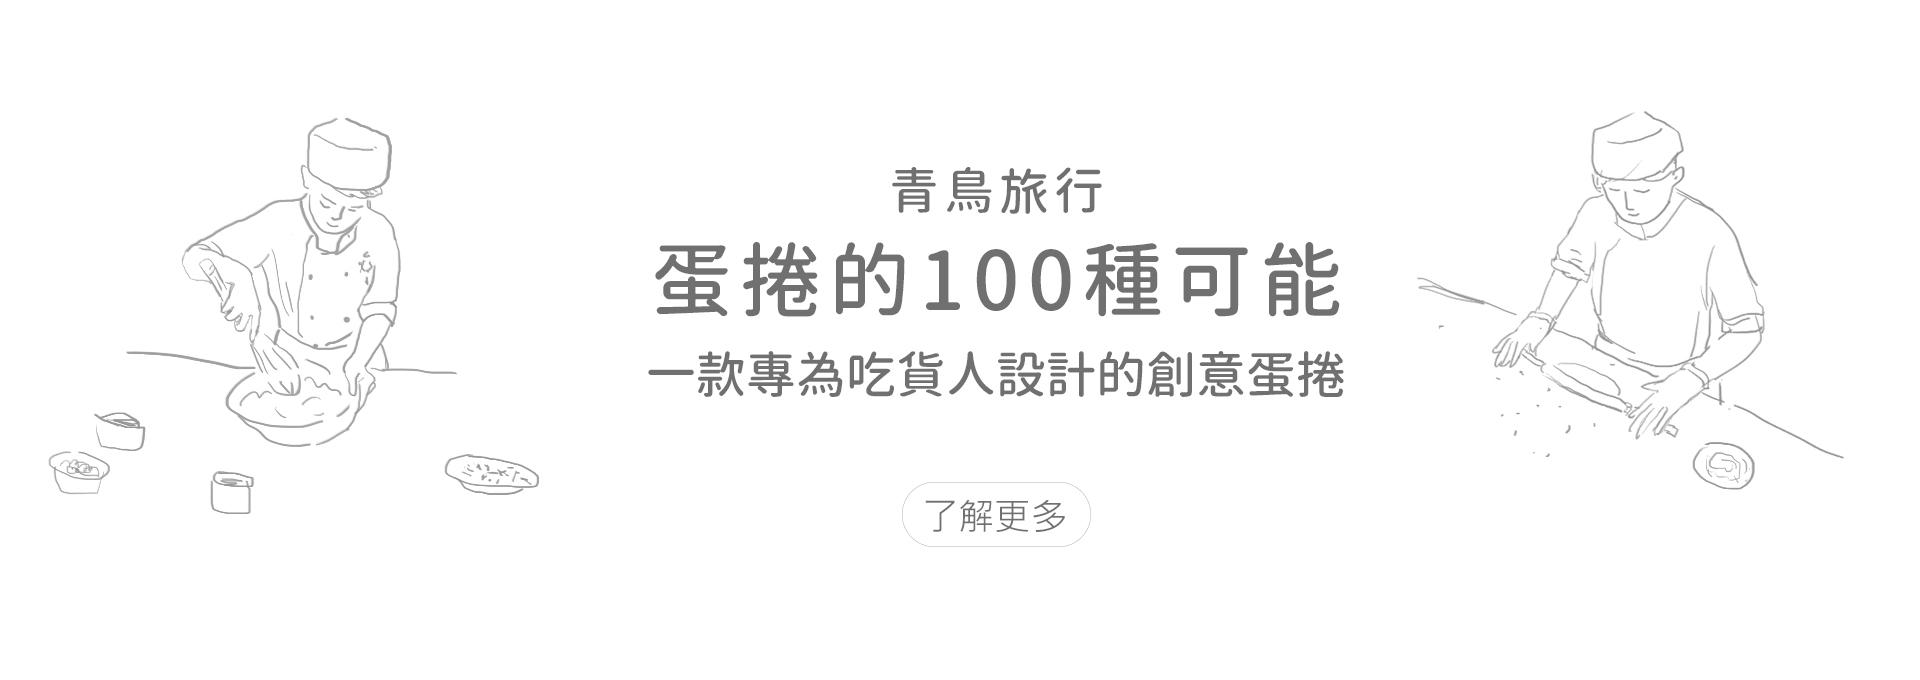 青鳥旅行_蛋捲的100種可能